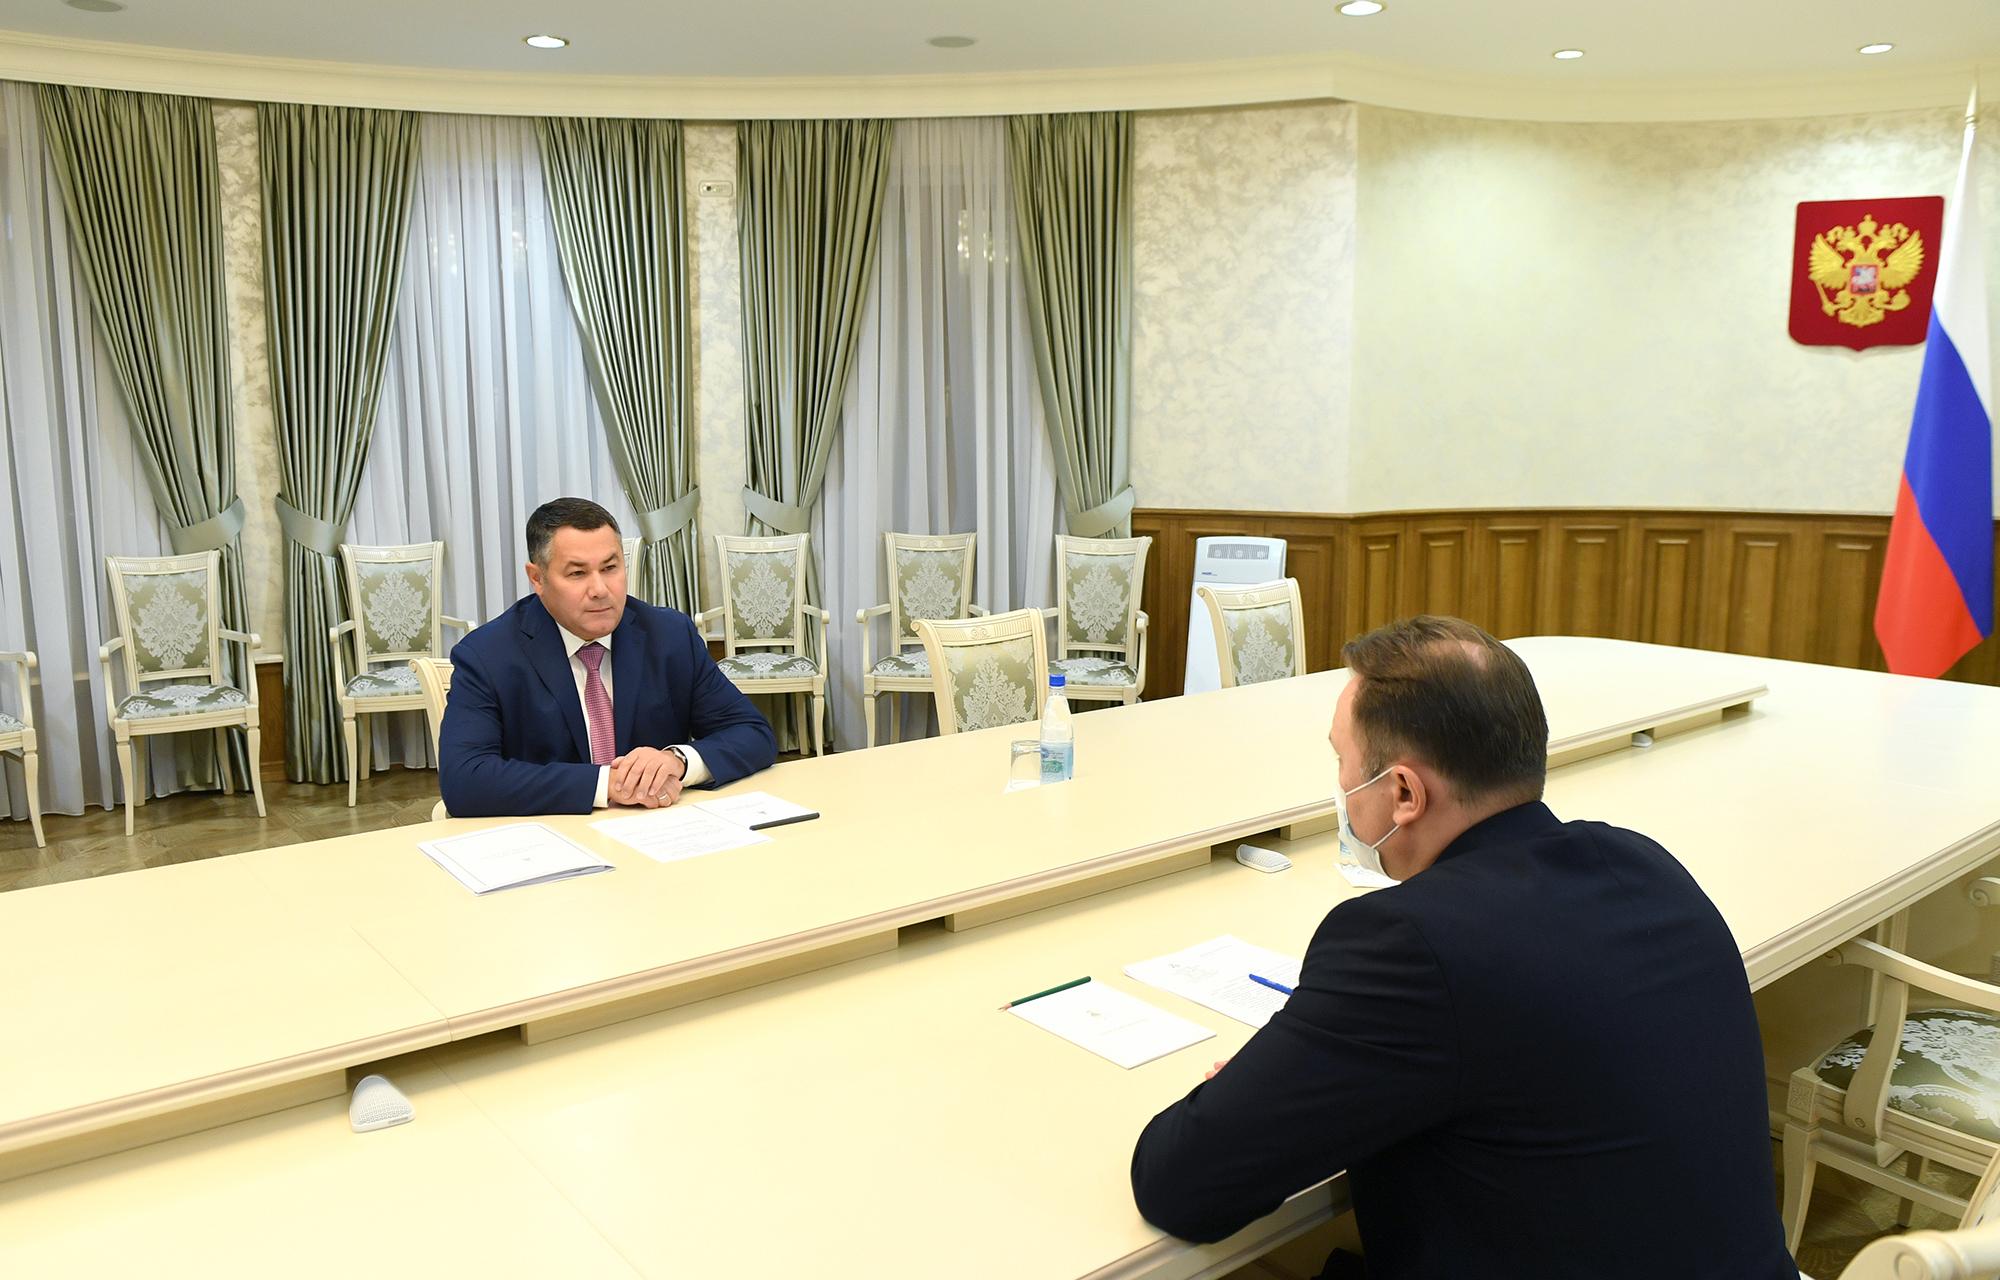 Губернатор и глава Бологовского района обсудили на встрече итоги дорожных работ и социально-экономическое развитие района